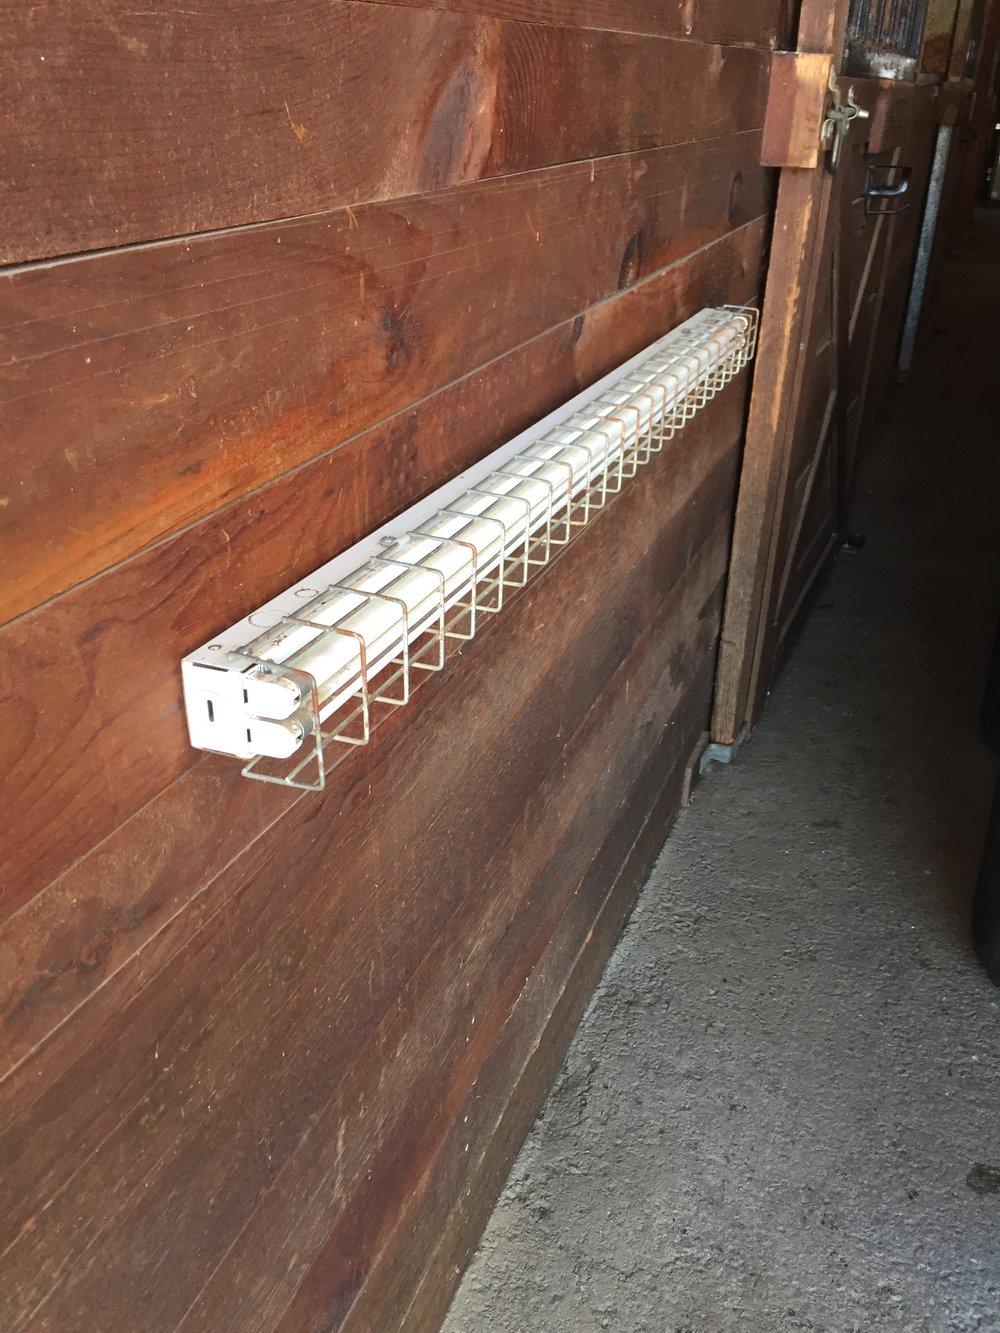 D5447AE8-FBC2-4888-A028-E99AE1540776.JPG